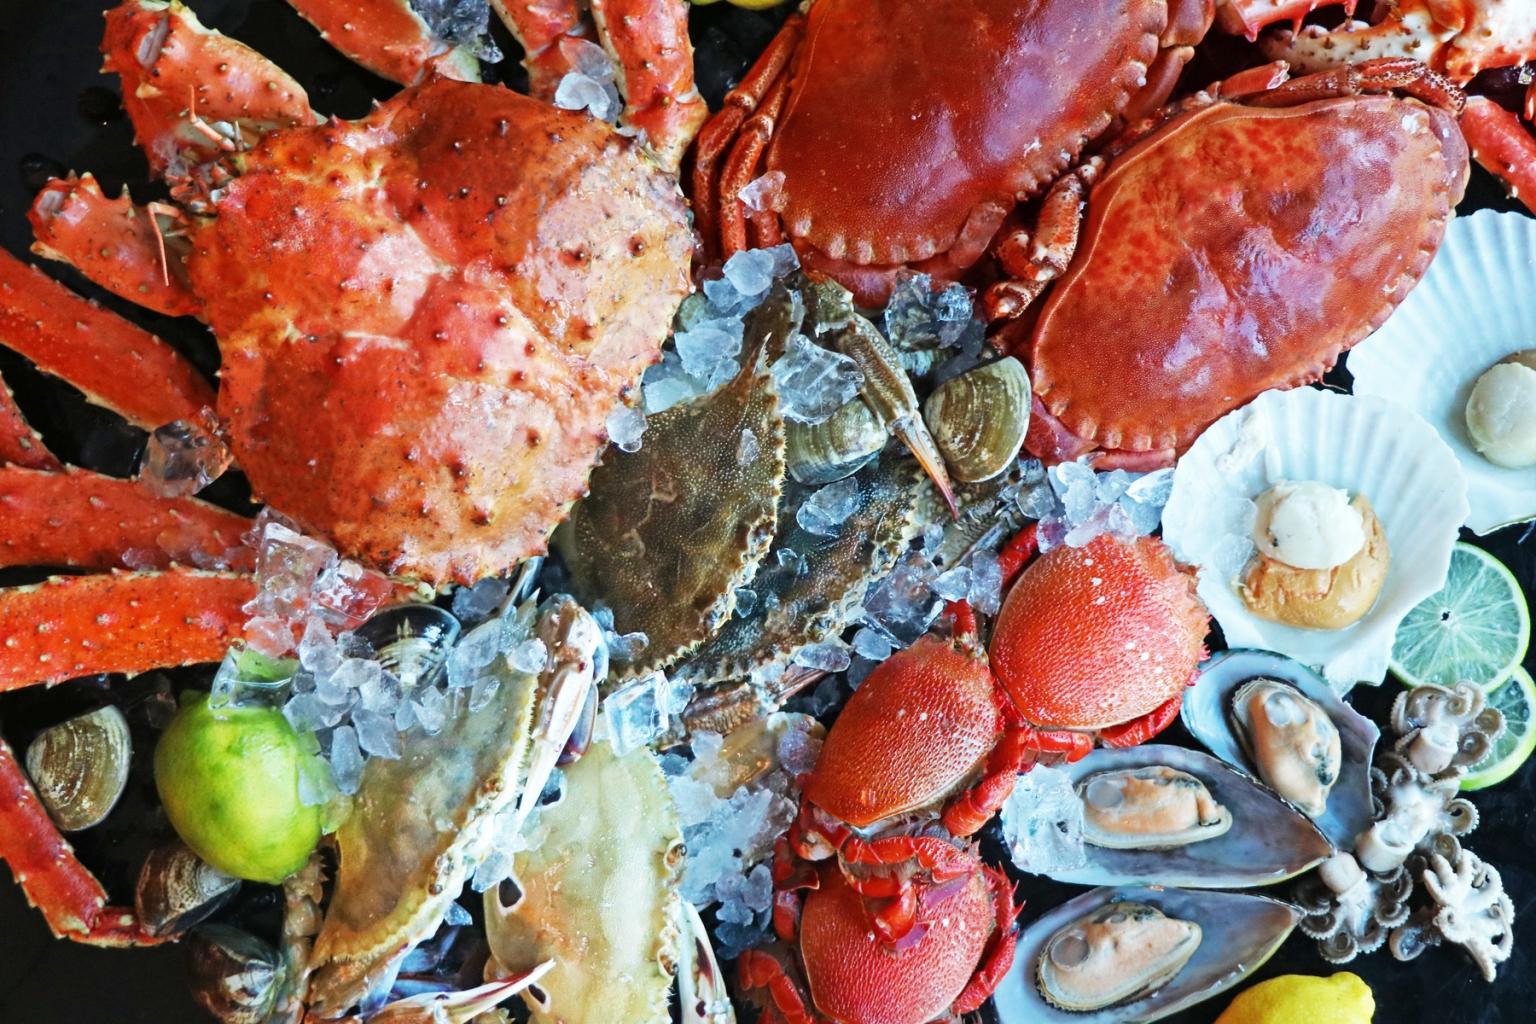 台北士林萬麗酒店士林廚房「超級敢蟹」秋蟹主題料理